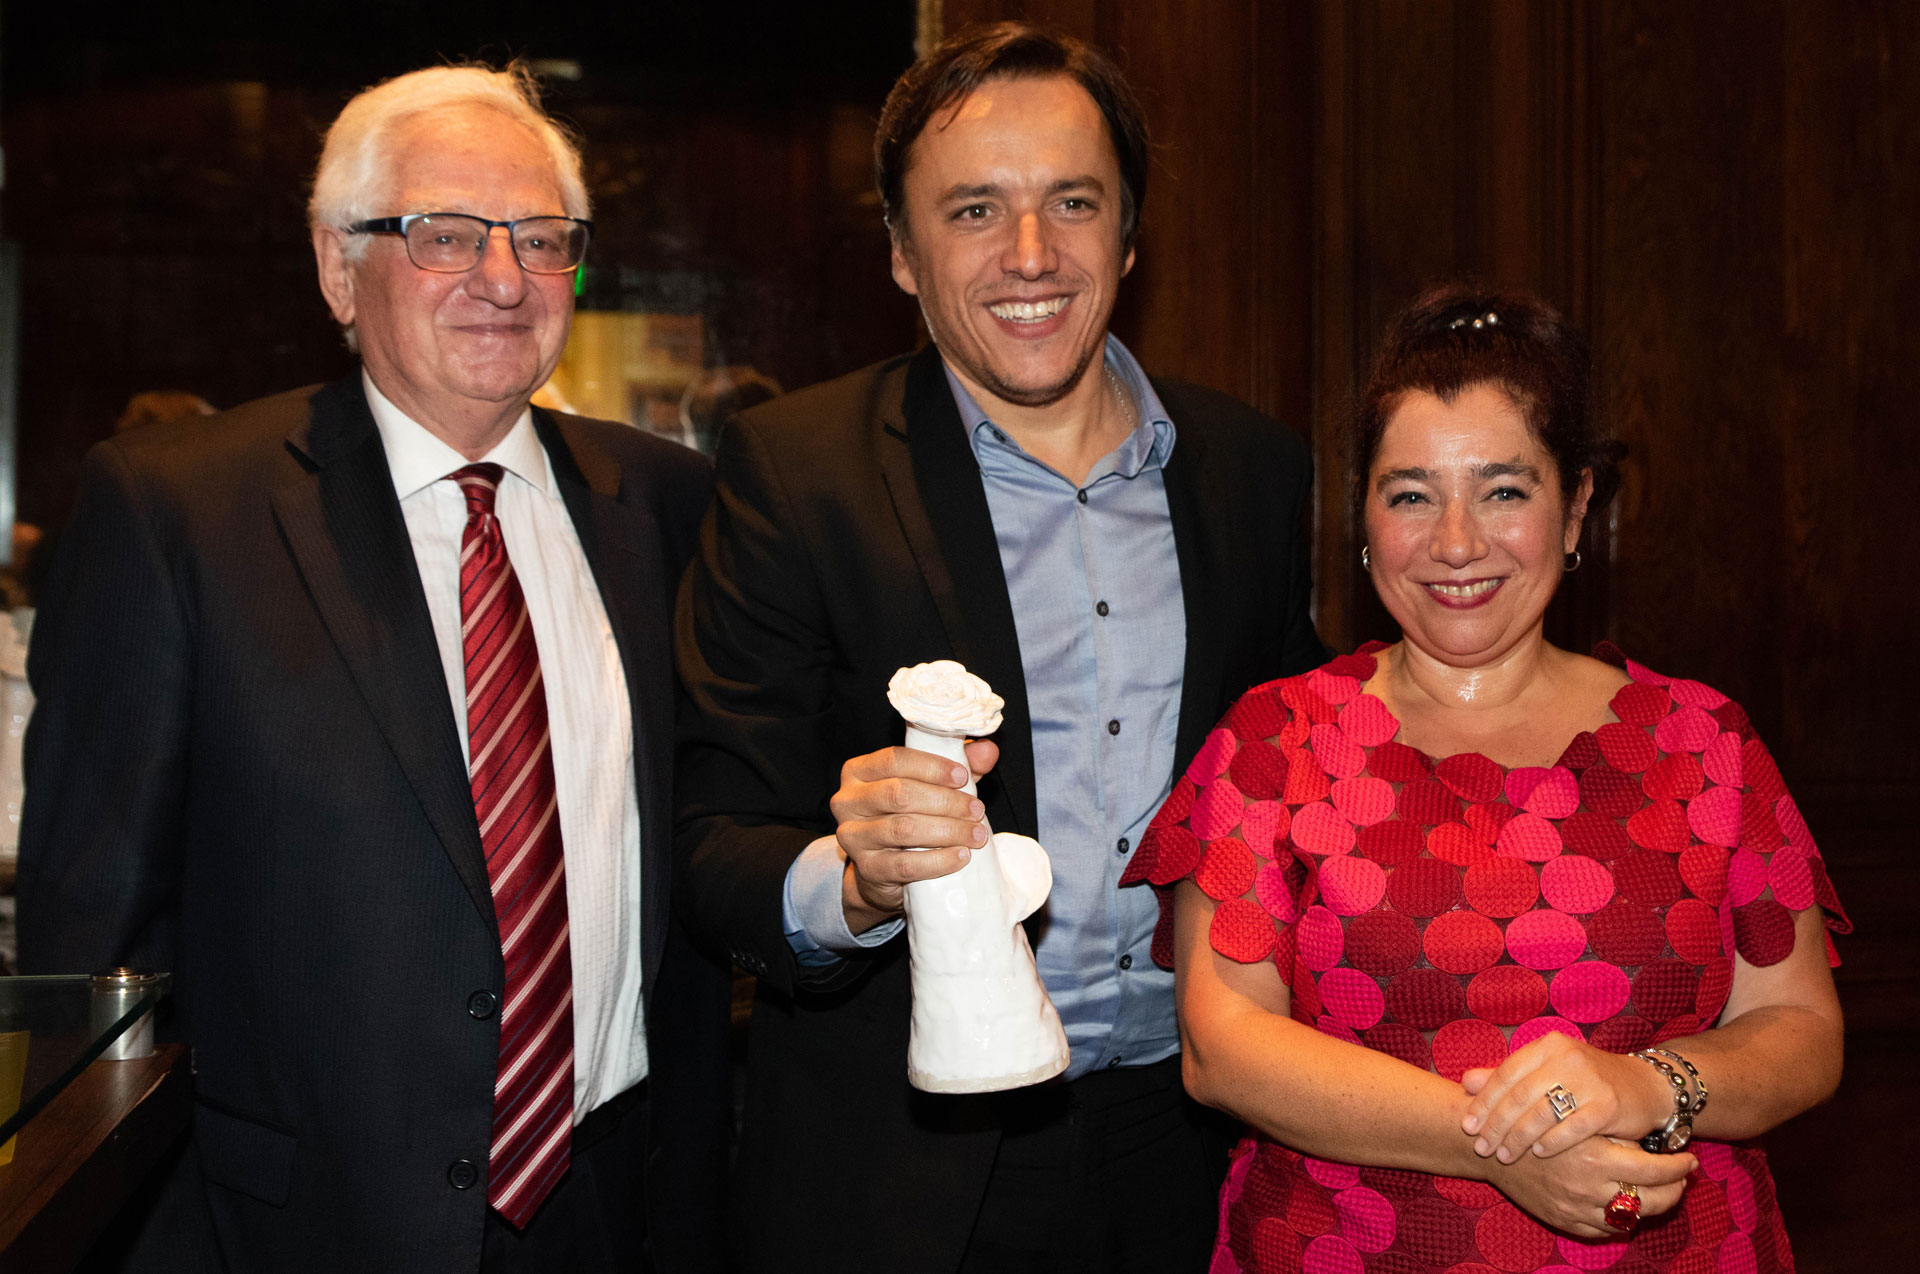 El director de Contenidos del Grupo La Nación, José del Río, recibió el premio en representación de esa empresa.